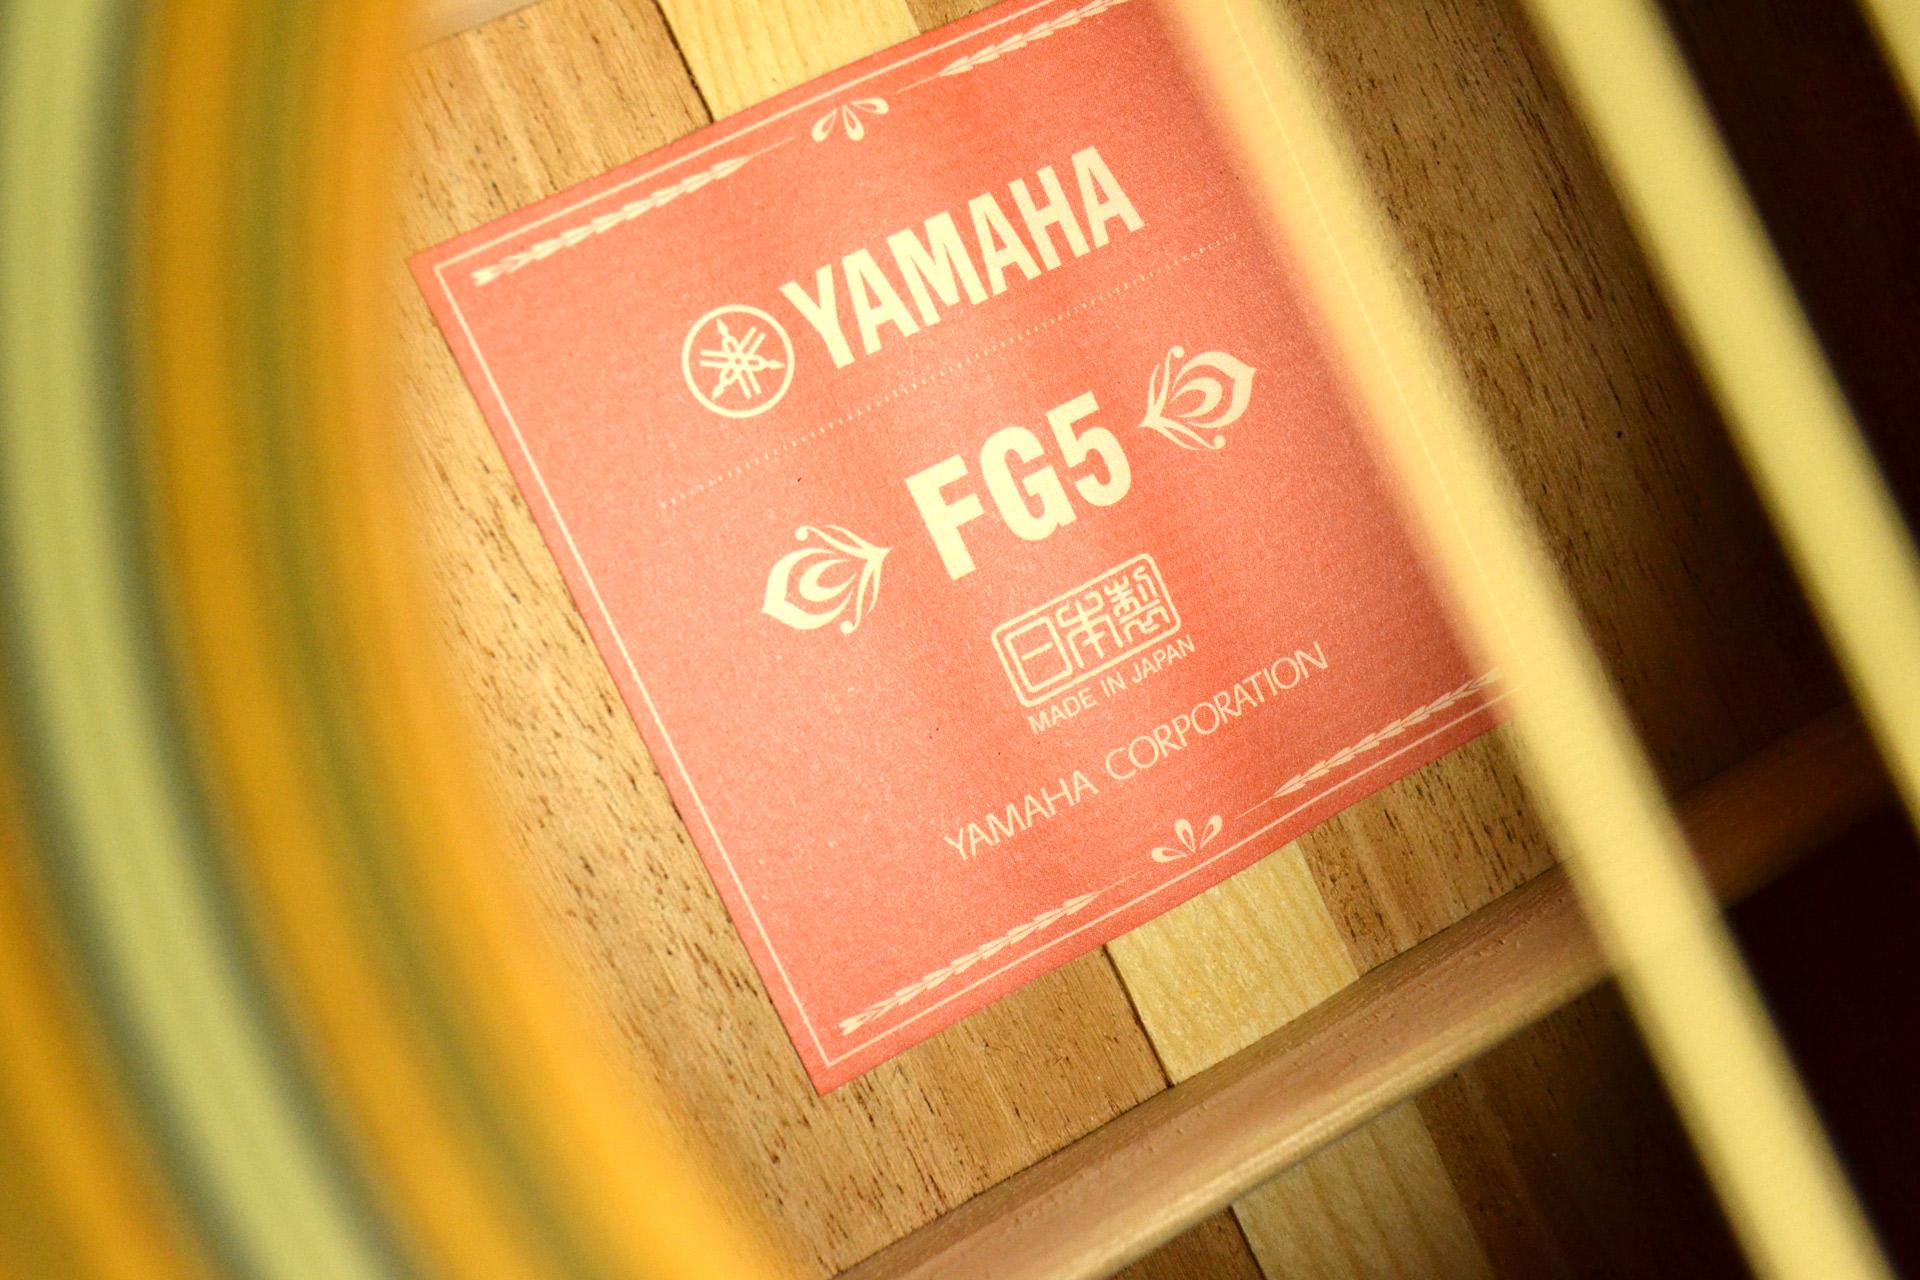 FG5のケース・その他画像